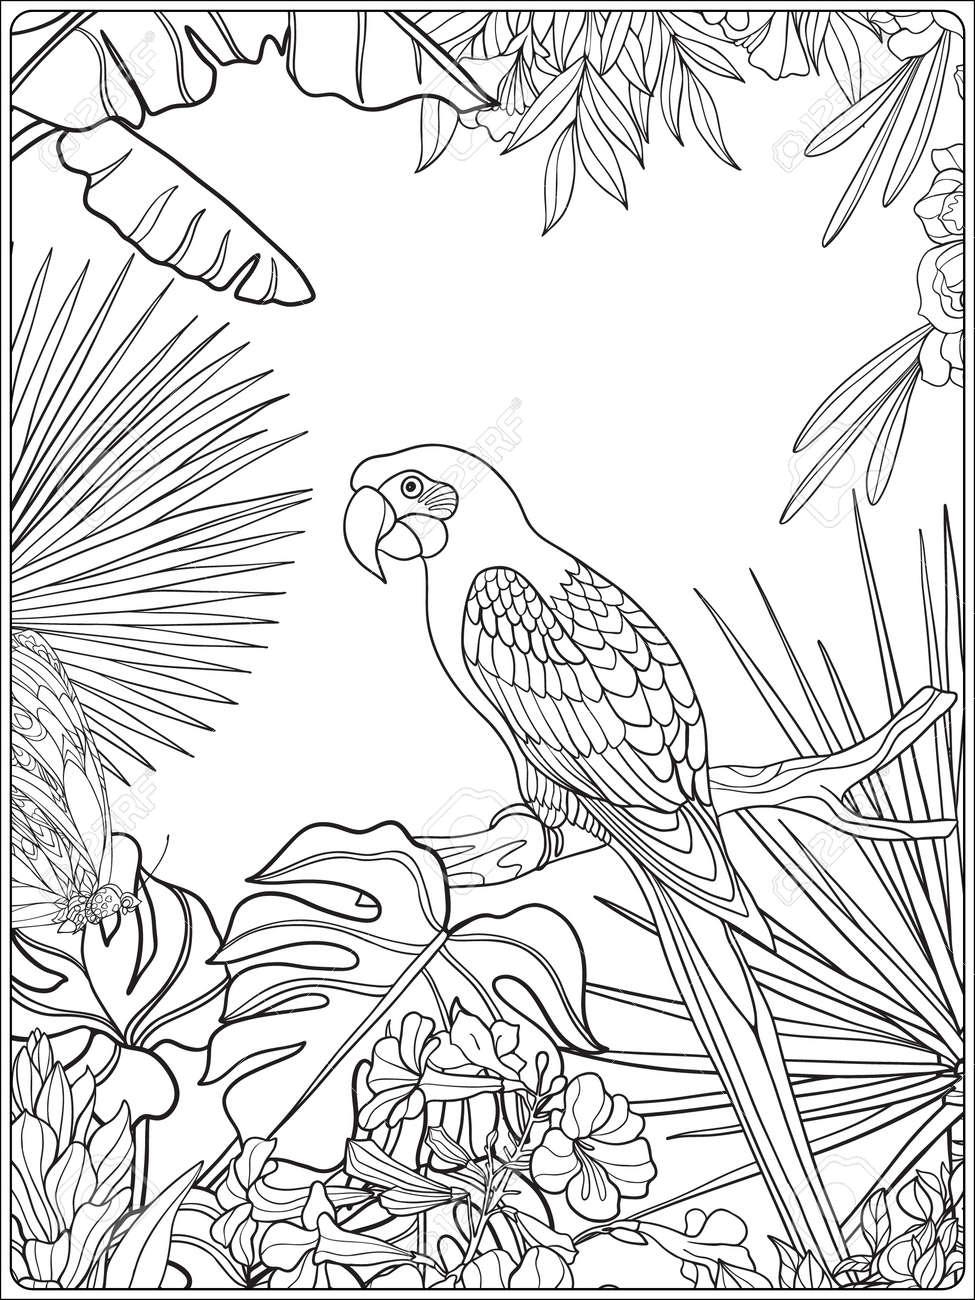 Pájaros Tropicales Y Plantas Silvestres Colección De Jardín Tropical Dibujo Para Colorear Libro De Colorante Para Los Adultos Y Niños Mayores